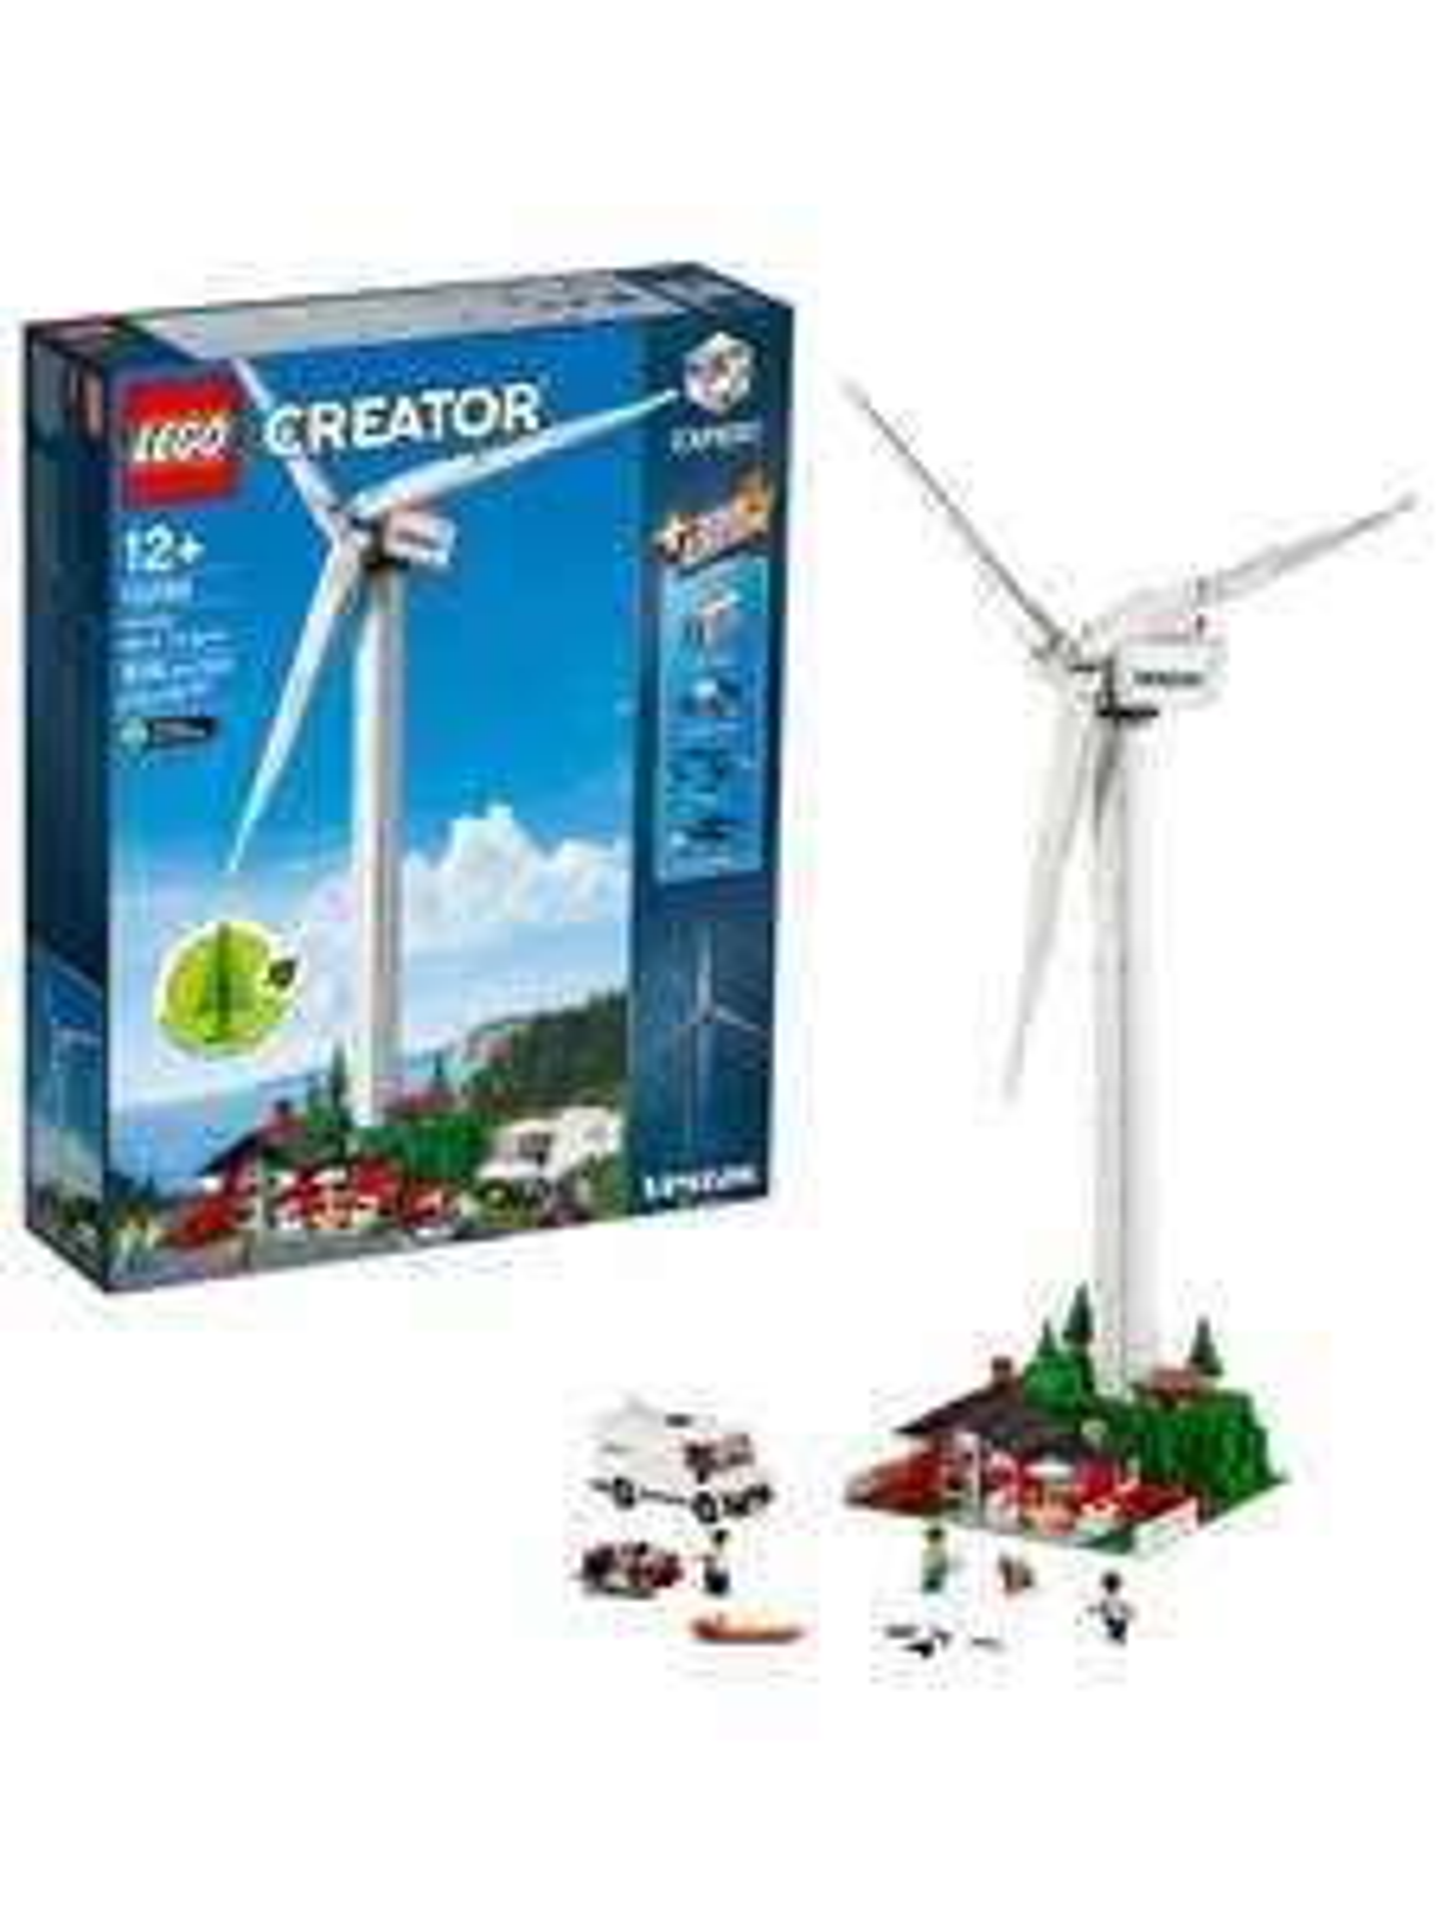 LEGO Creator 10268 Vestas Wind Turbine £119.99 @ John Lewis & Partners